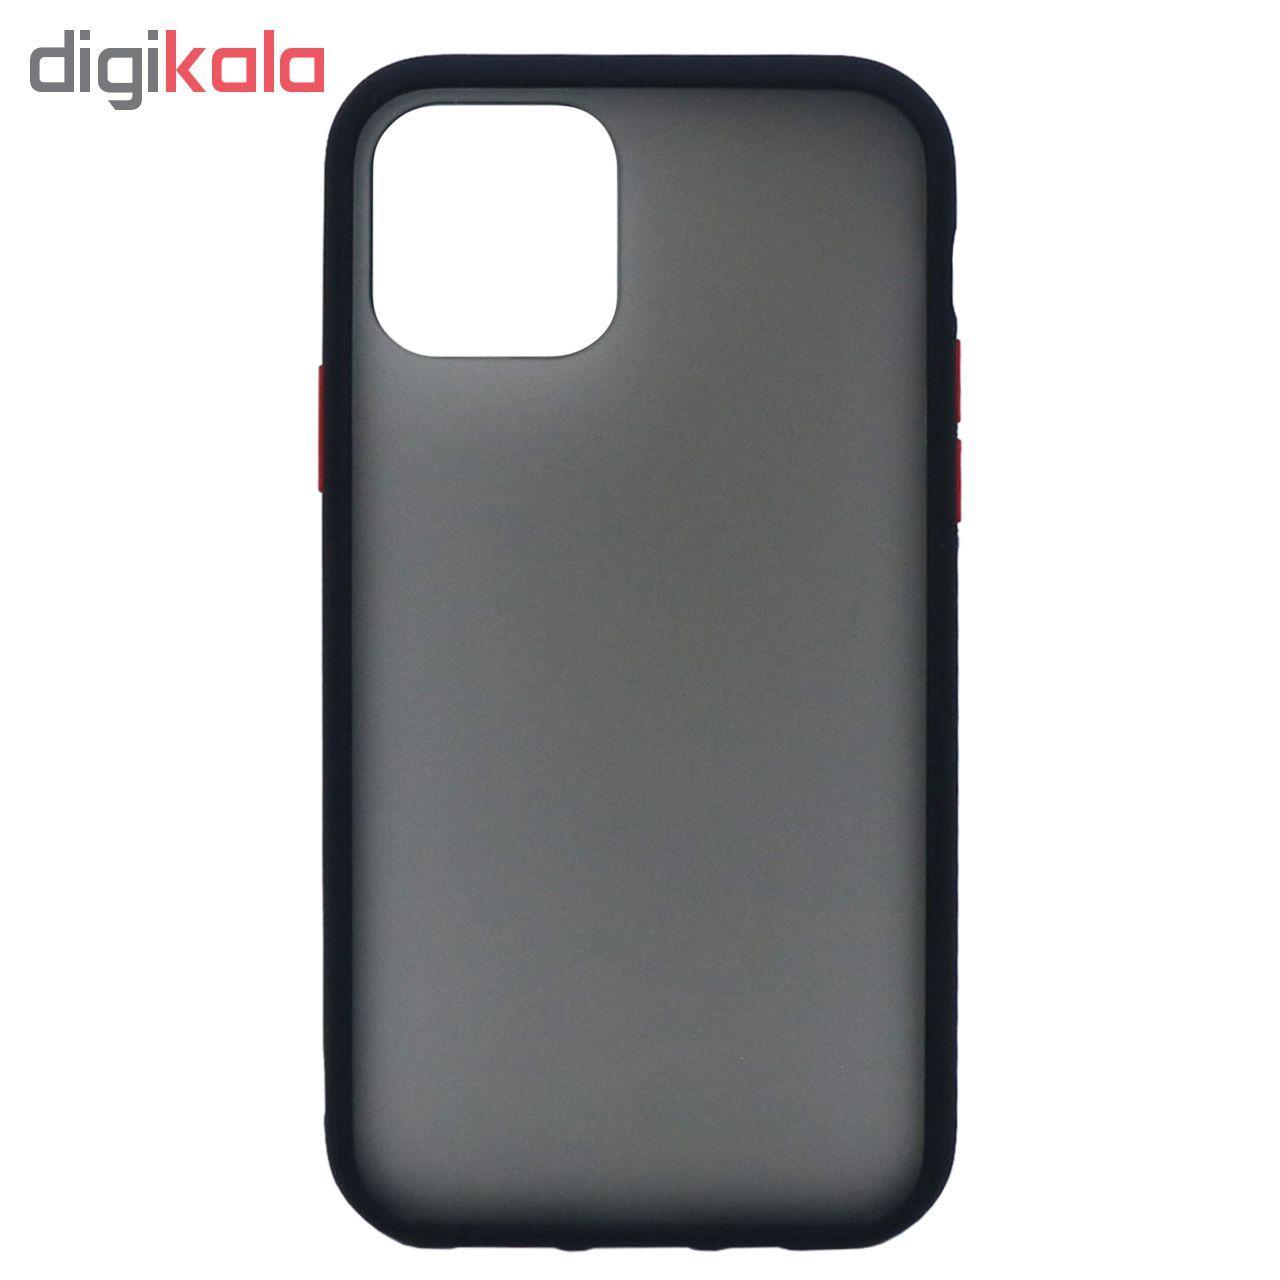 کاور مدل Sb-001 مناسب برای گوشی موبایل اپل Iphone 11 pro max  main 1 1